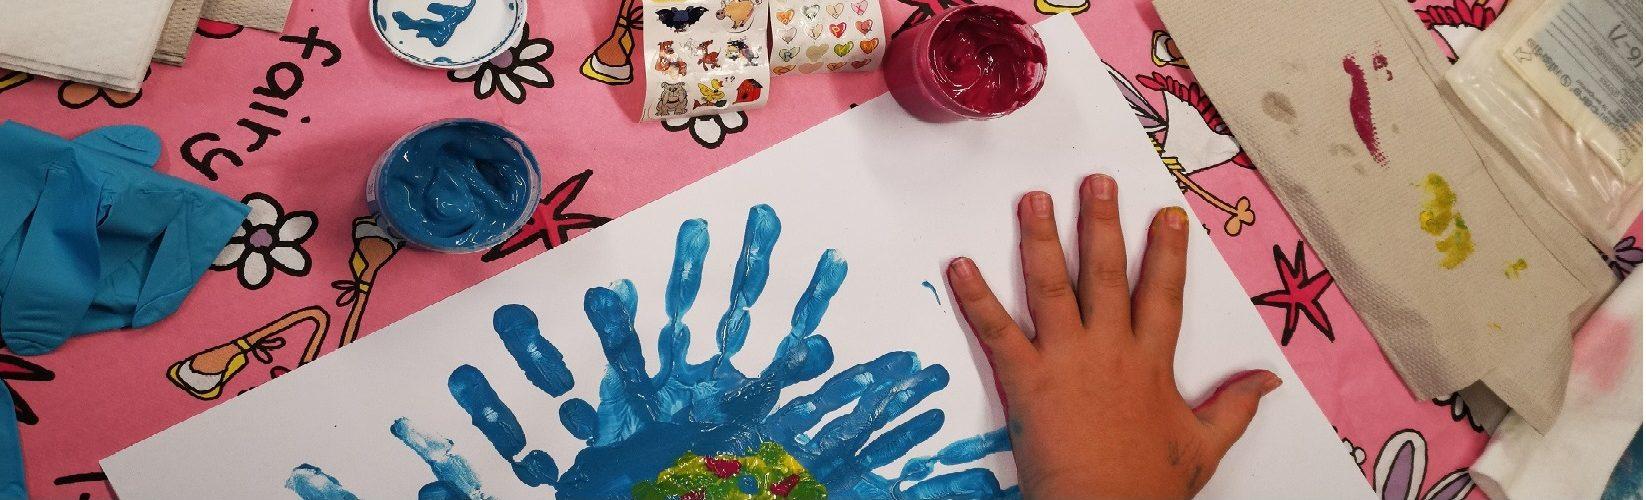 Familienzentrum Fennpfuhl Kinder Hände malen